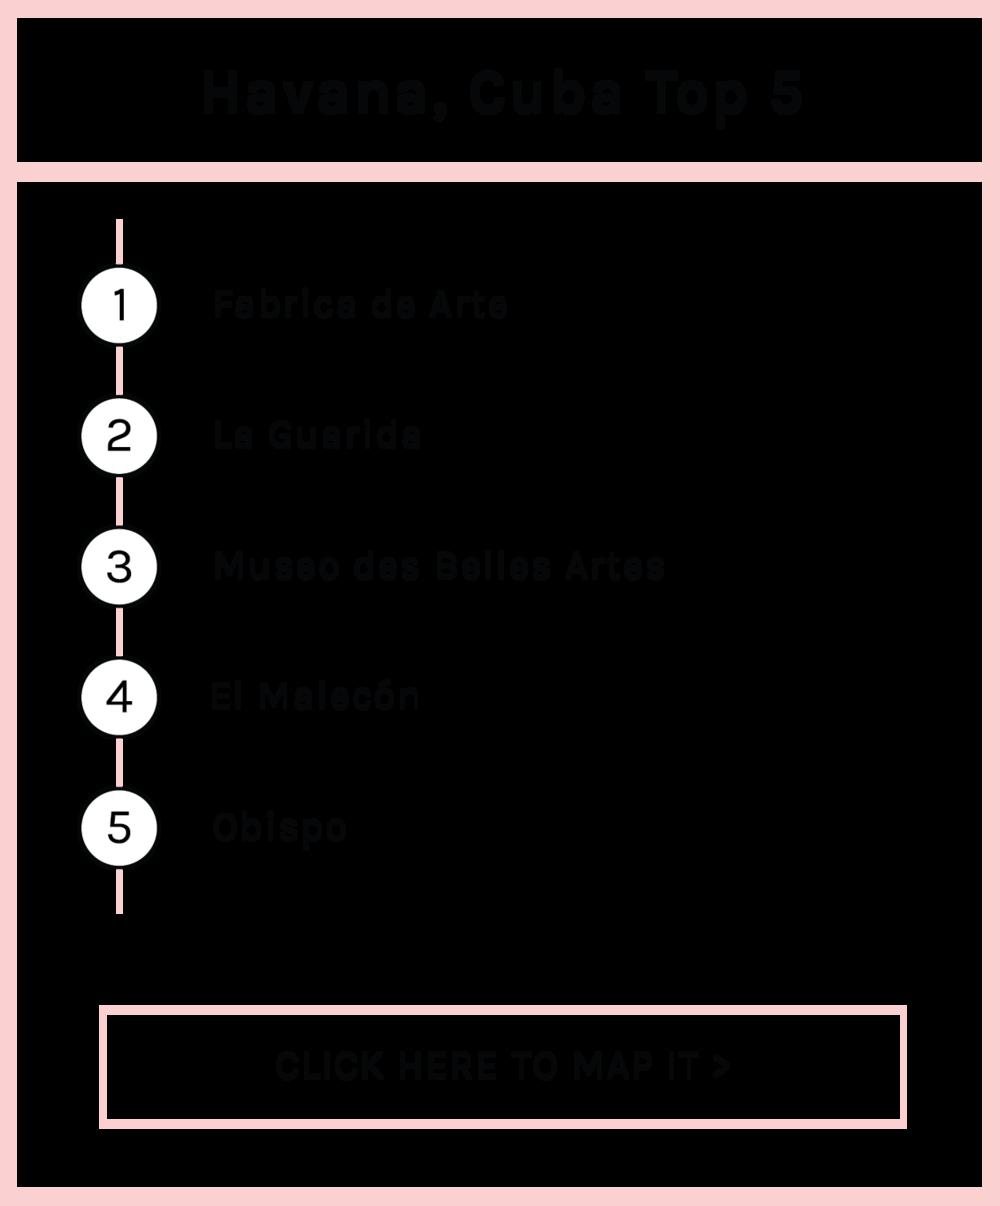 LSG-HavanaCuba-Top5.png